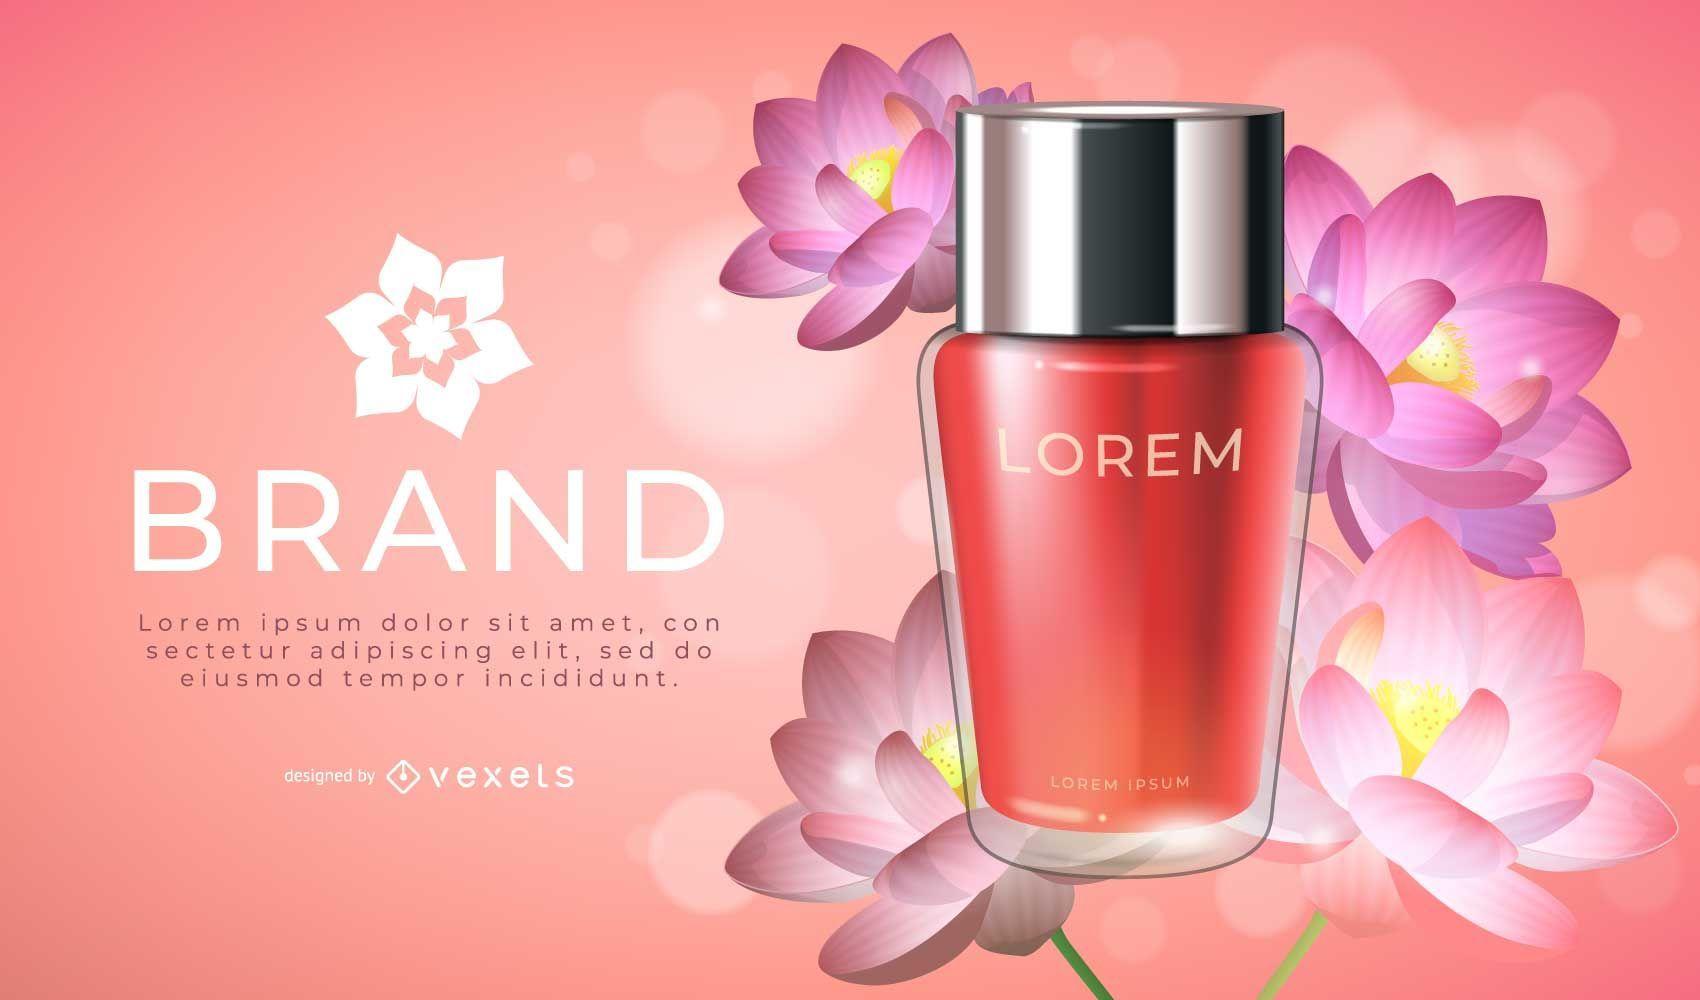 Diseño de publicidad de productos Lotus